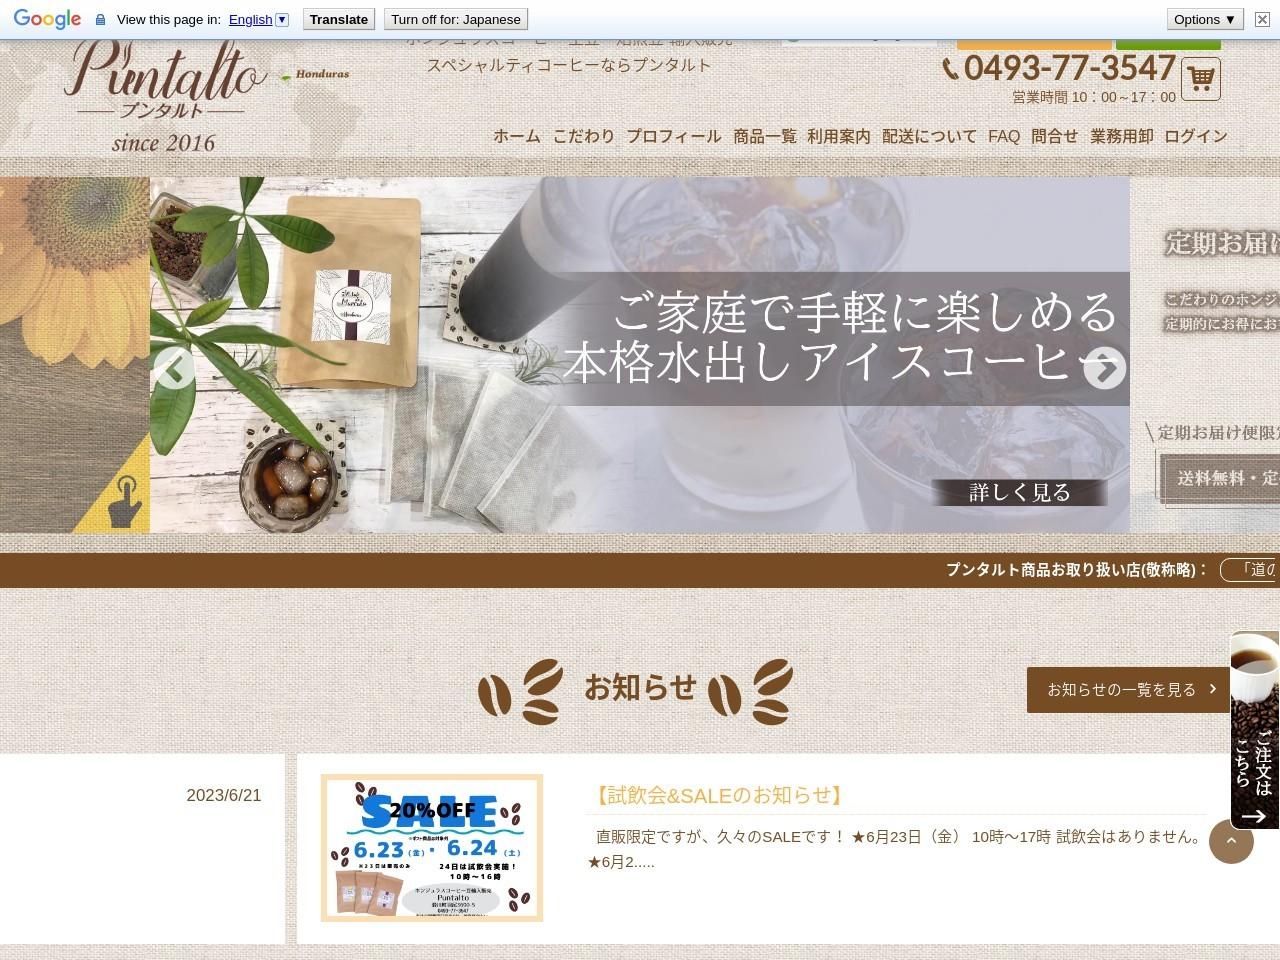 ホンジュラスコーヒー生豆・焙煎豆販売|プンタルト